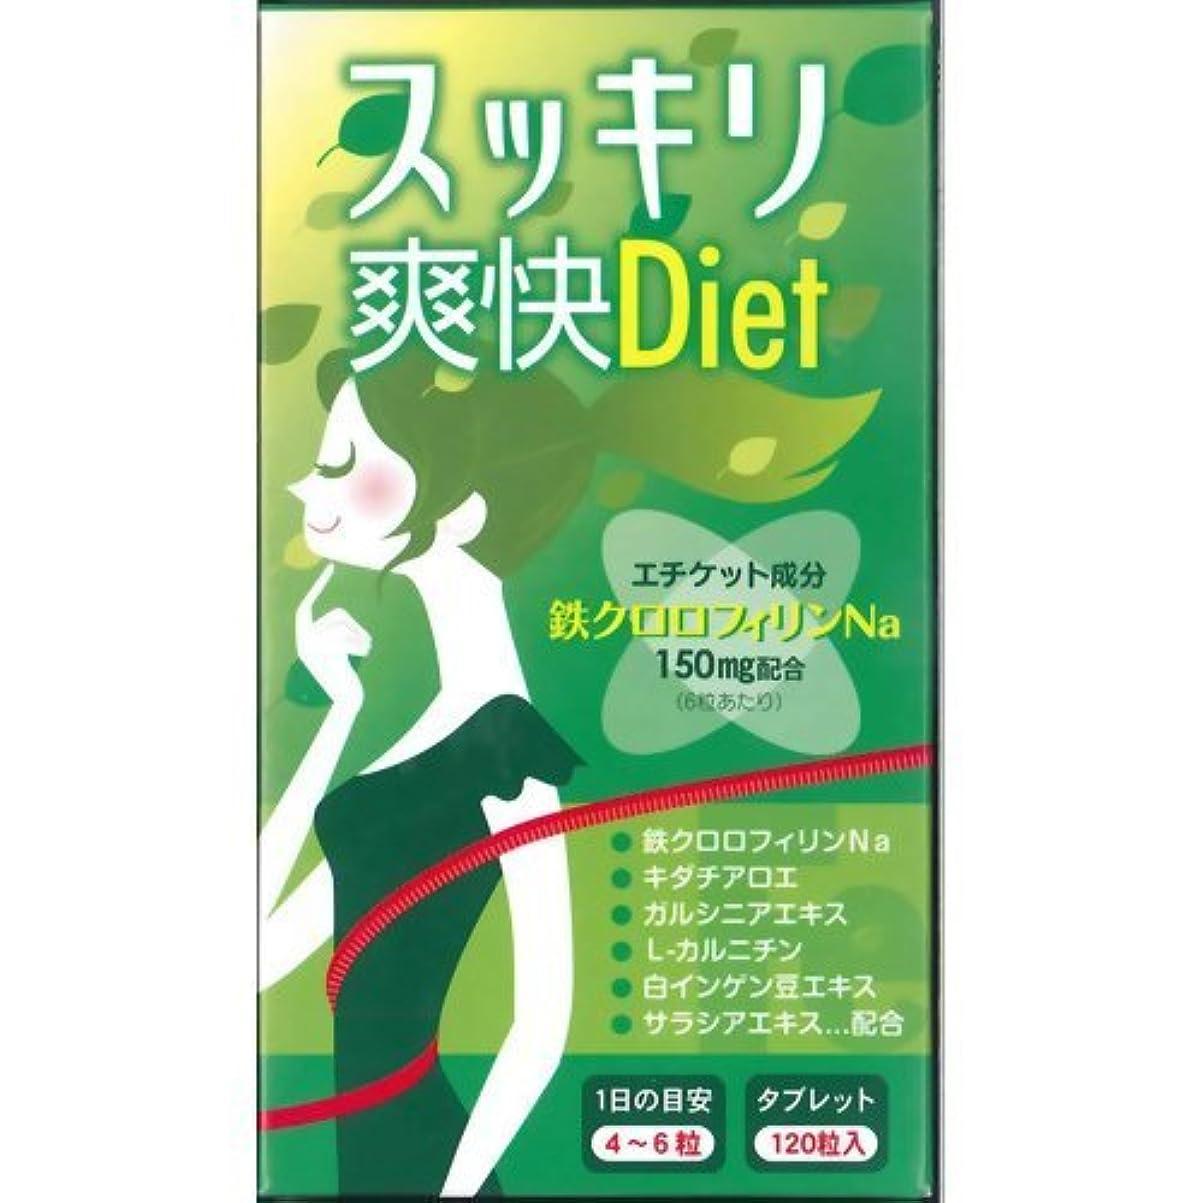 教育学公演伝記スッキリ爽快Diet